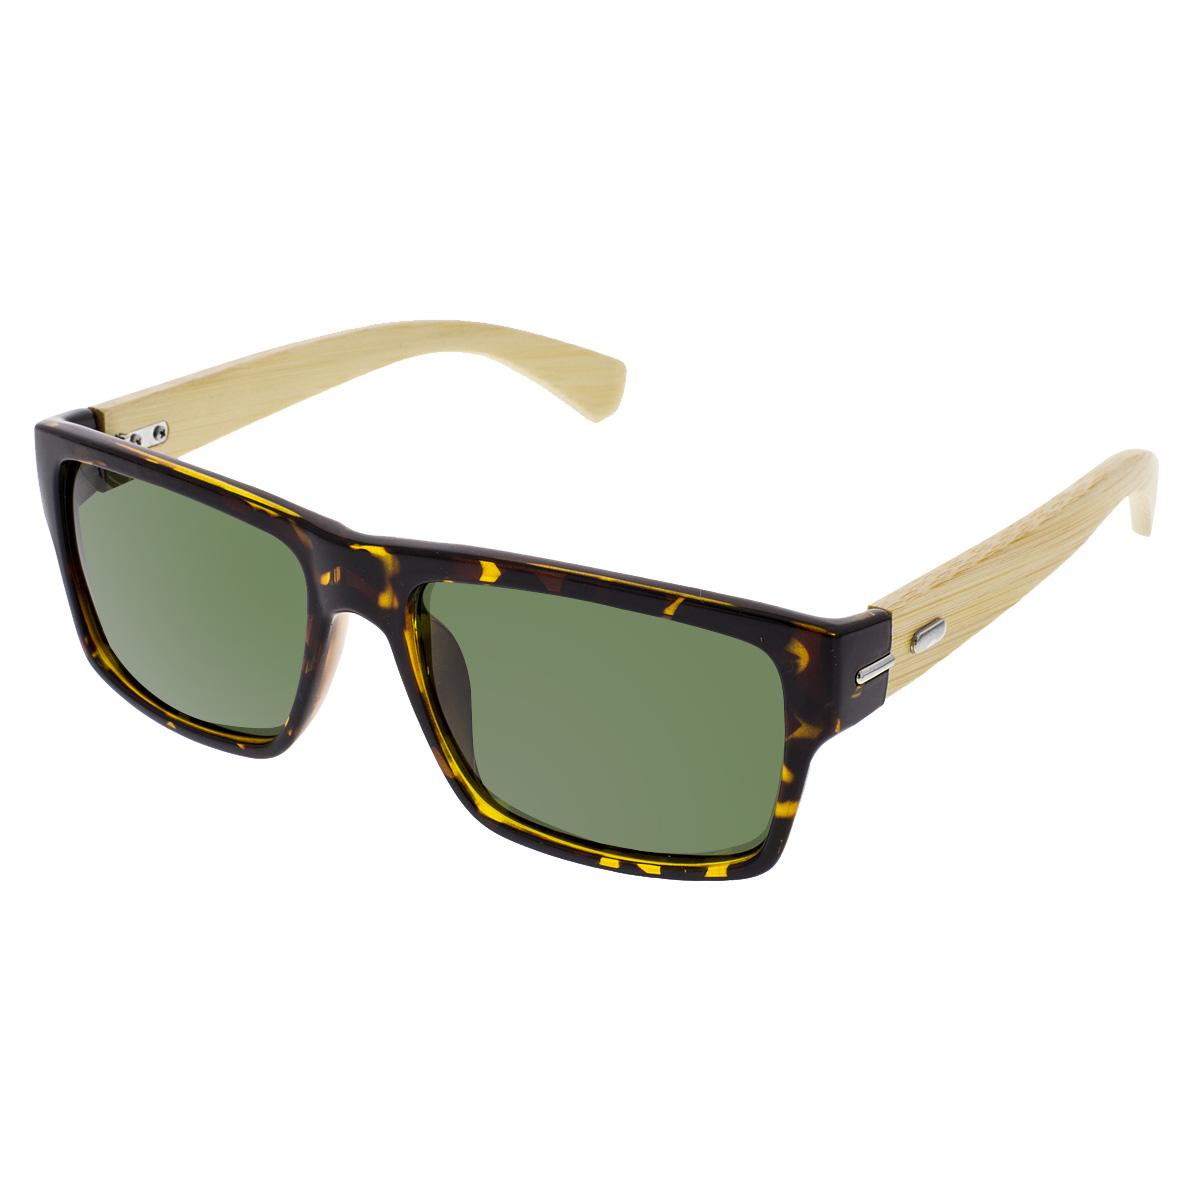 Dřevěné sluneční brýle polarizační Willow leopard